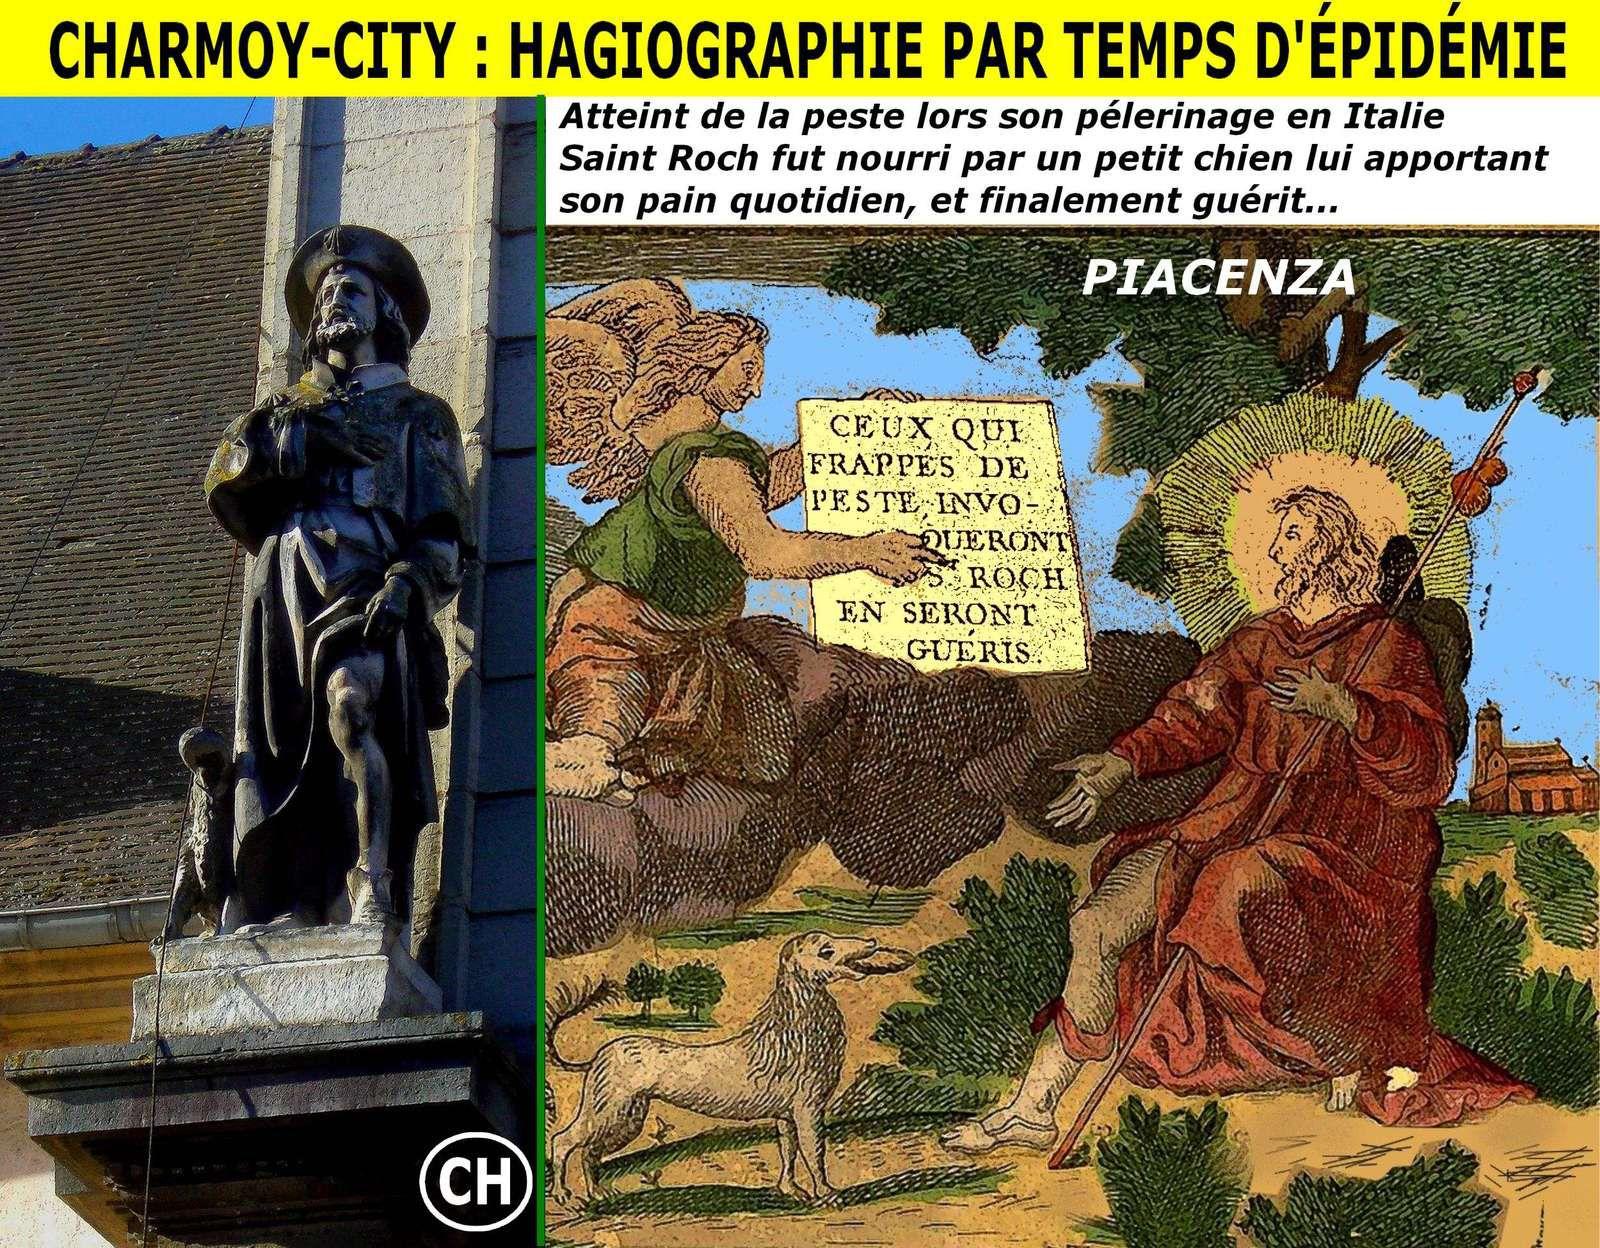 Charmoy-City, hagiographie par temps d'épidémie.jpg